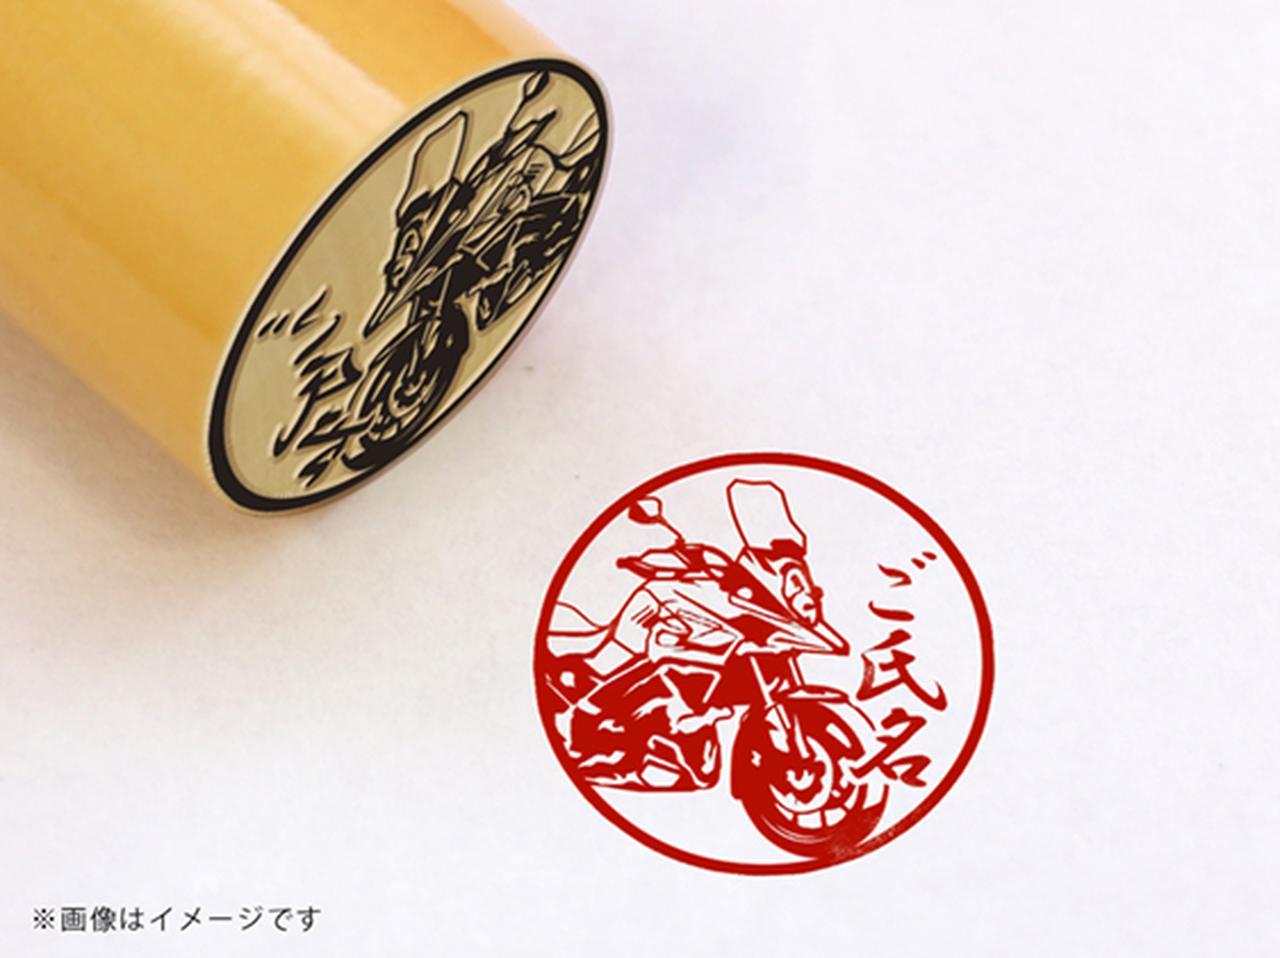 Images : 【SUZUKI】Vストローム1000・柘植丸印18mm